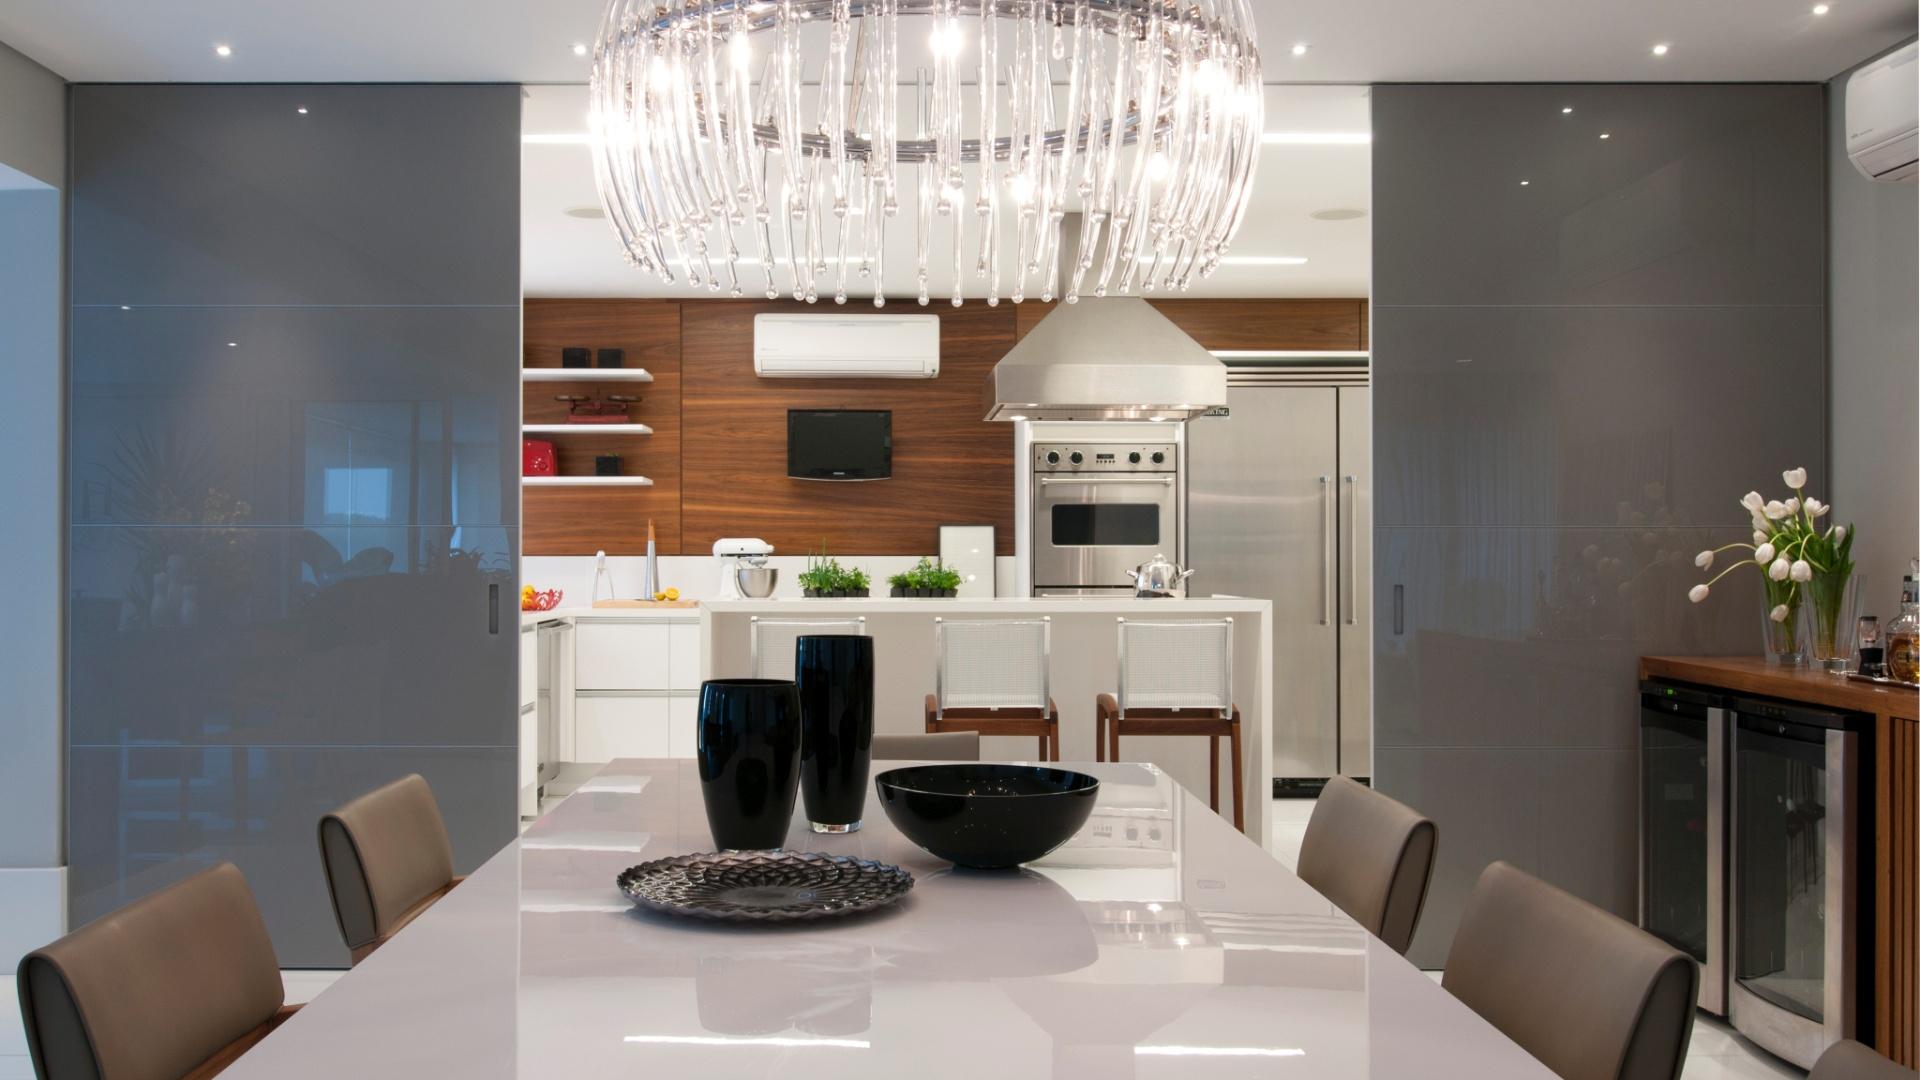 de cozinha e ainda serve de adega à sala integrada Divulgação Mais #624B3C 1920 1080